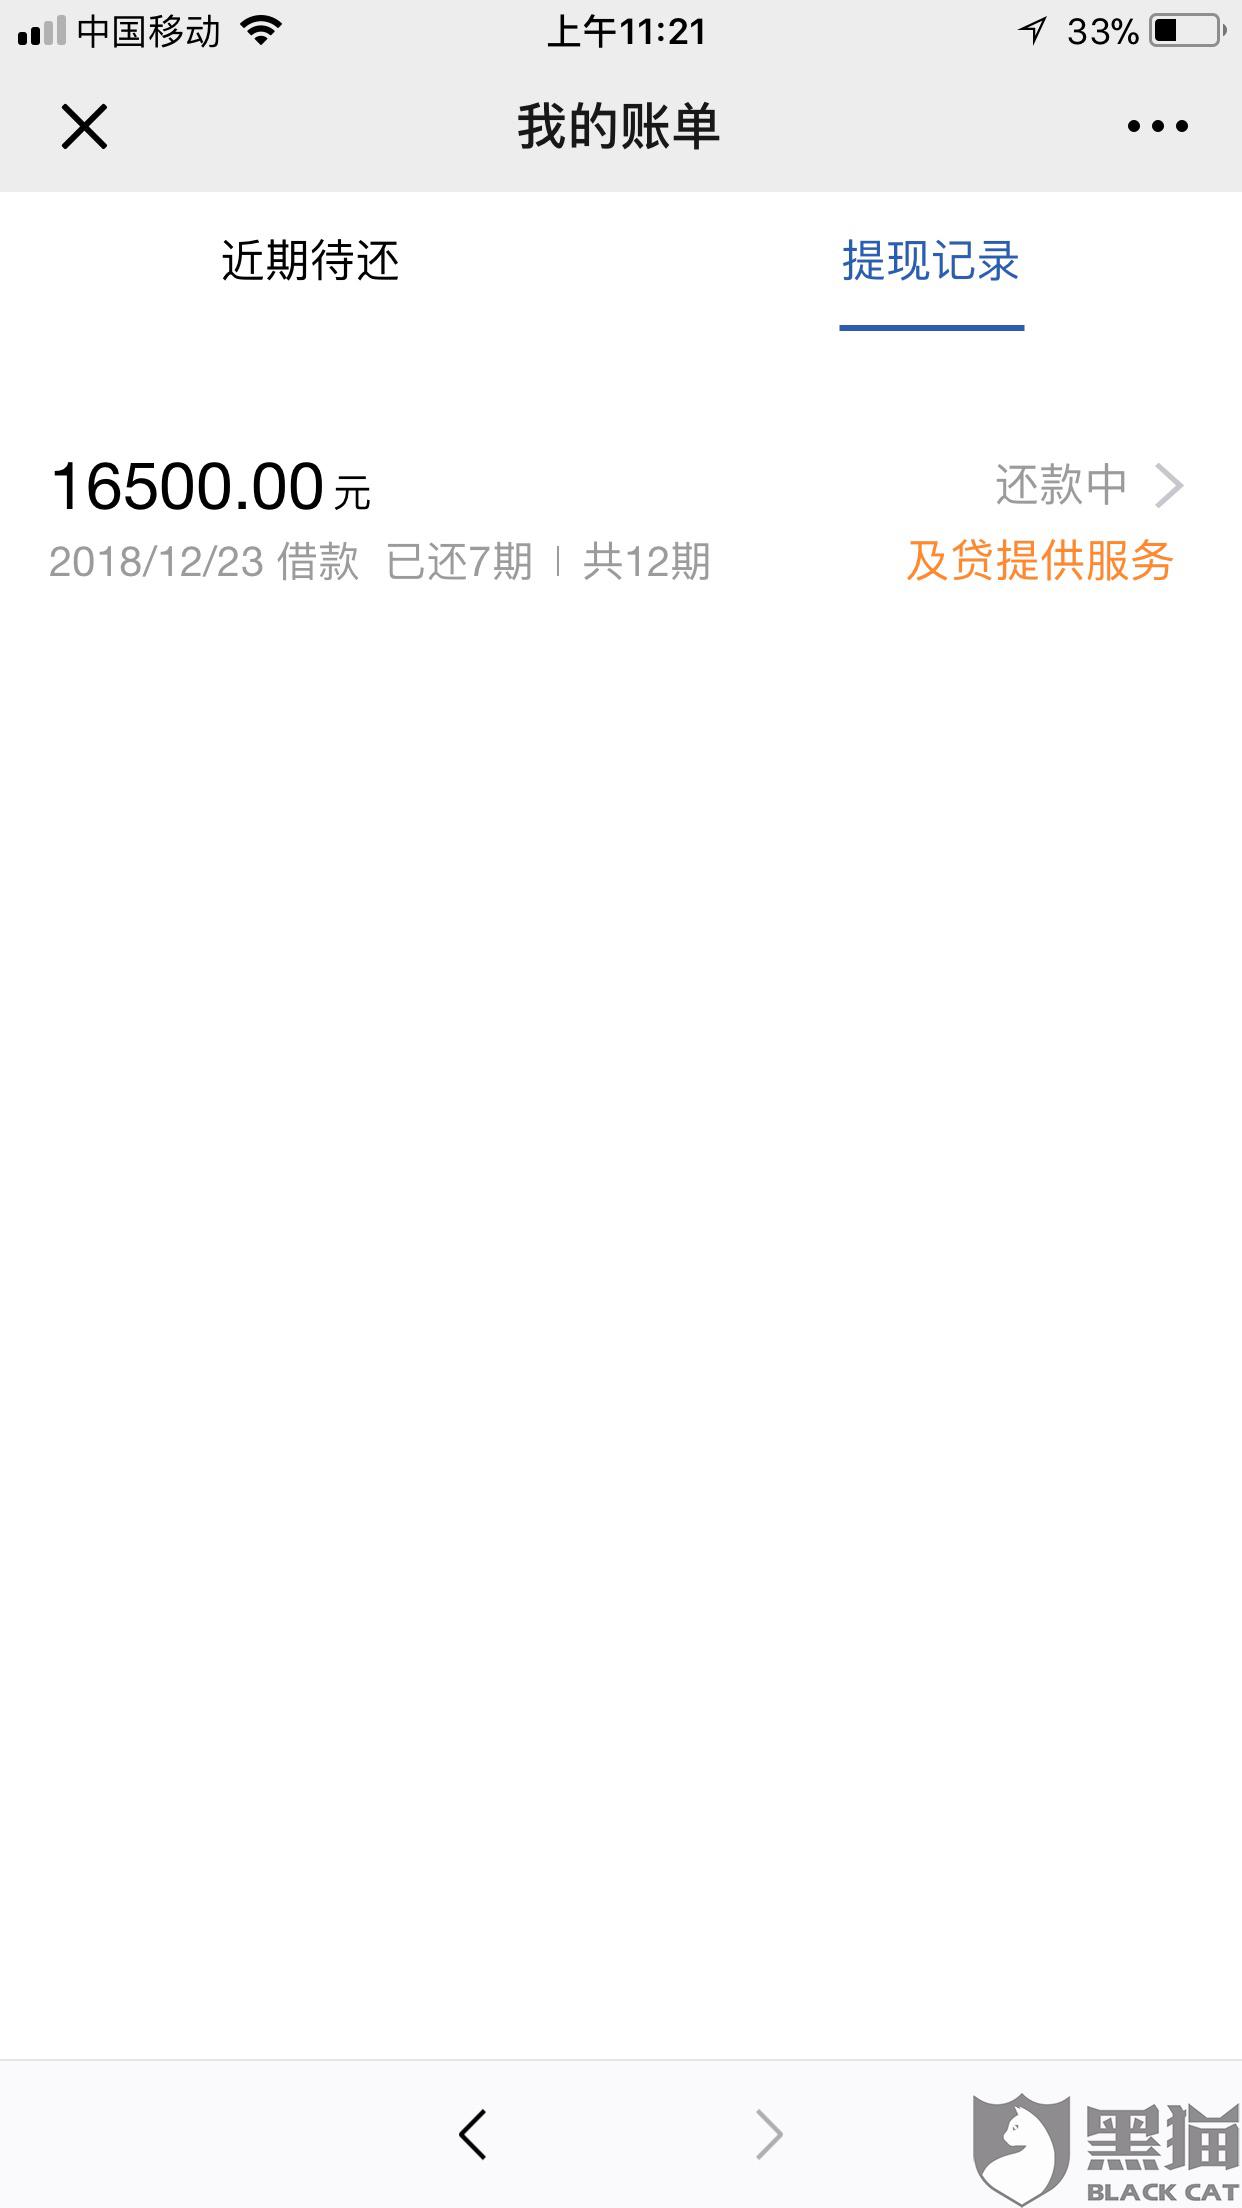 黑猫投诉:合同显示借款18550,实际到账16500